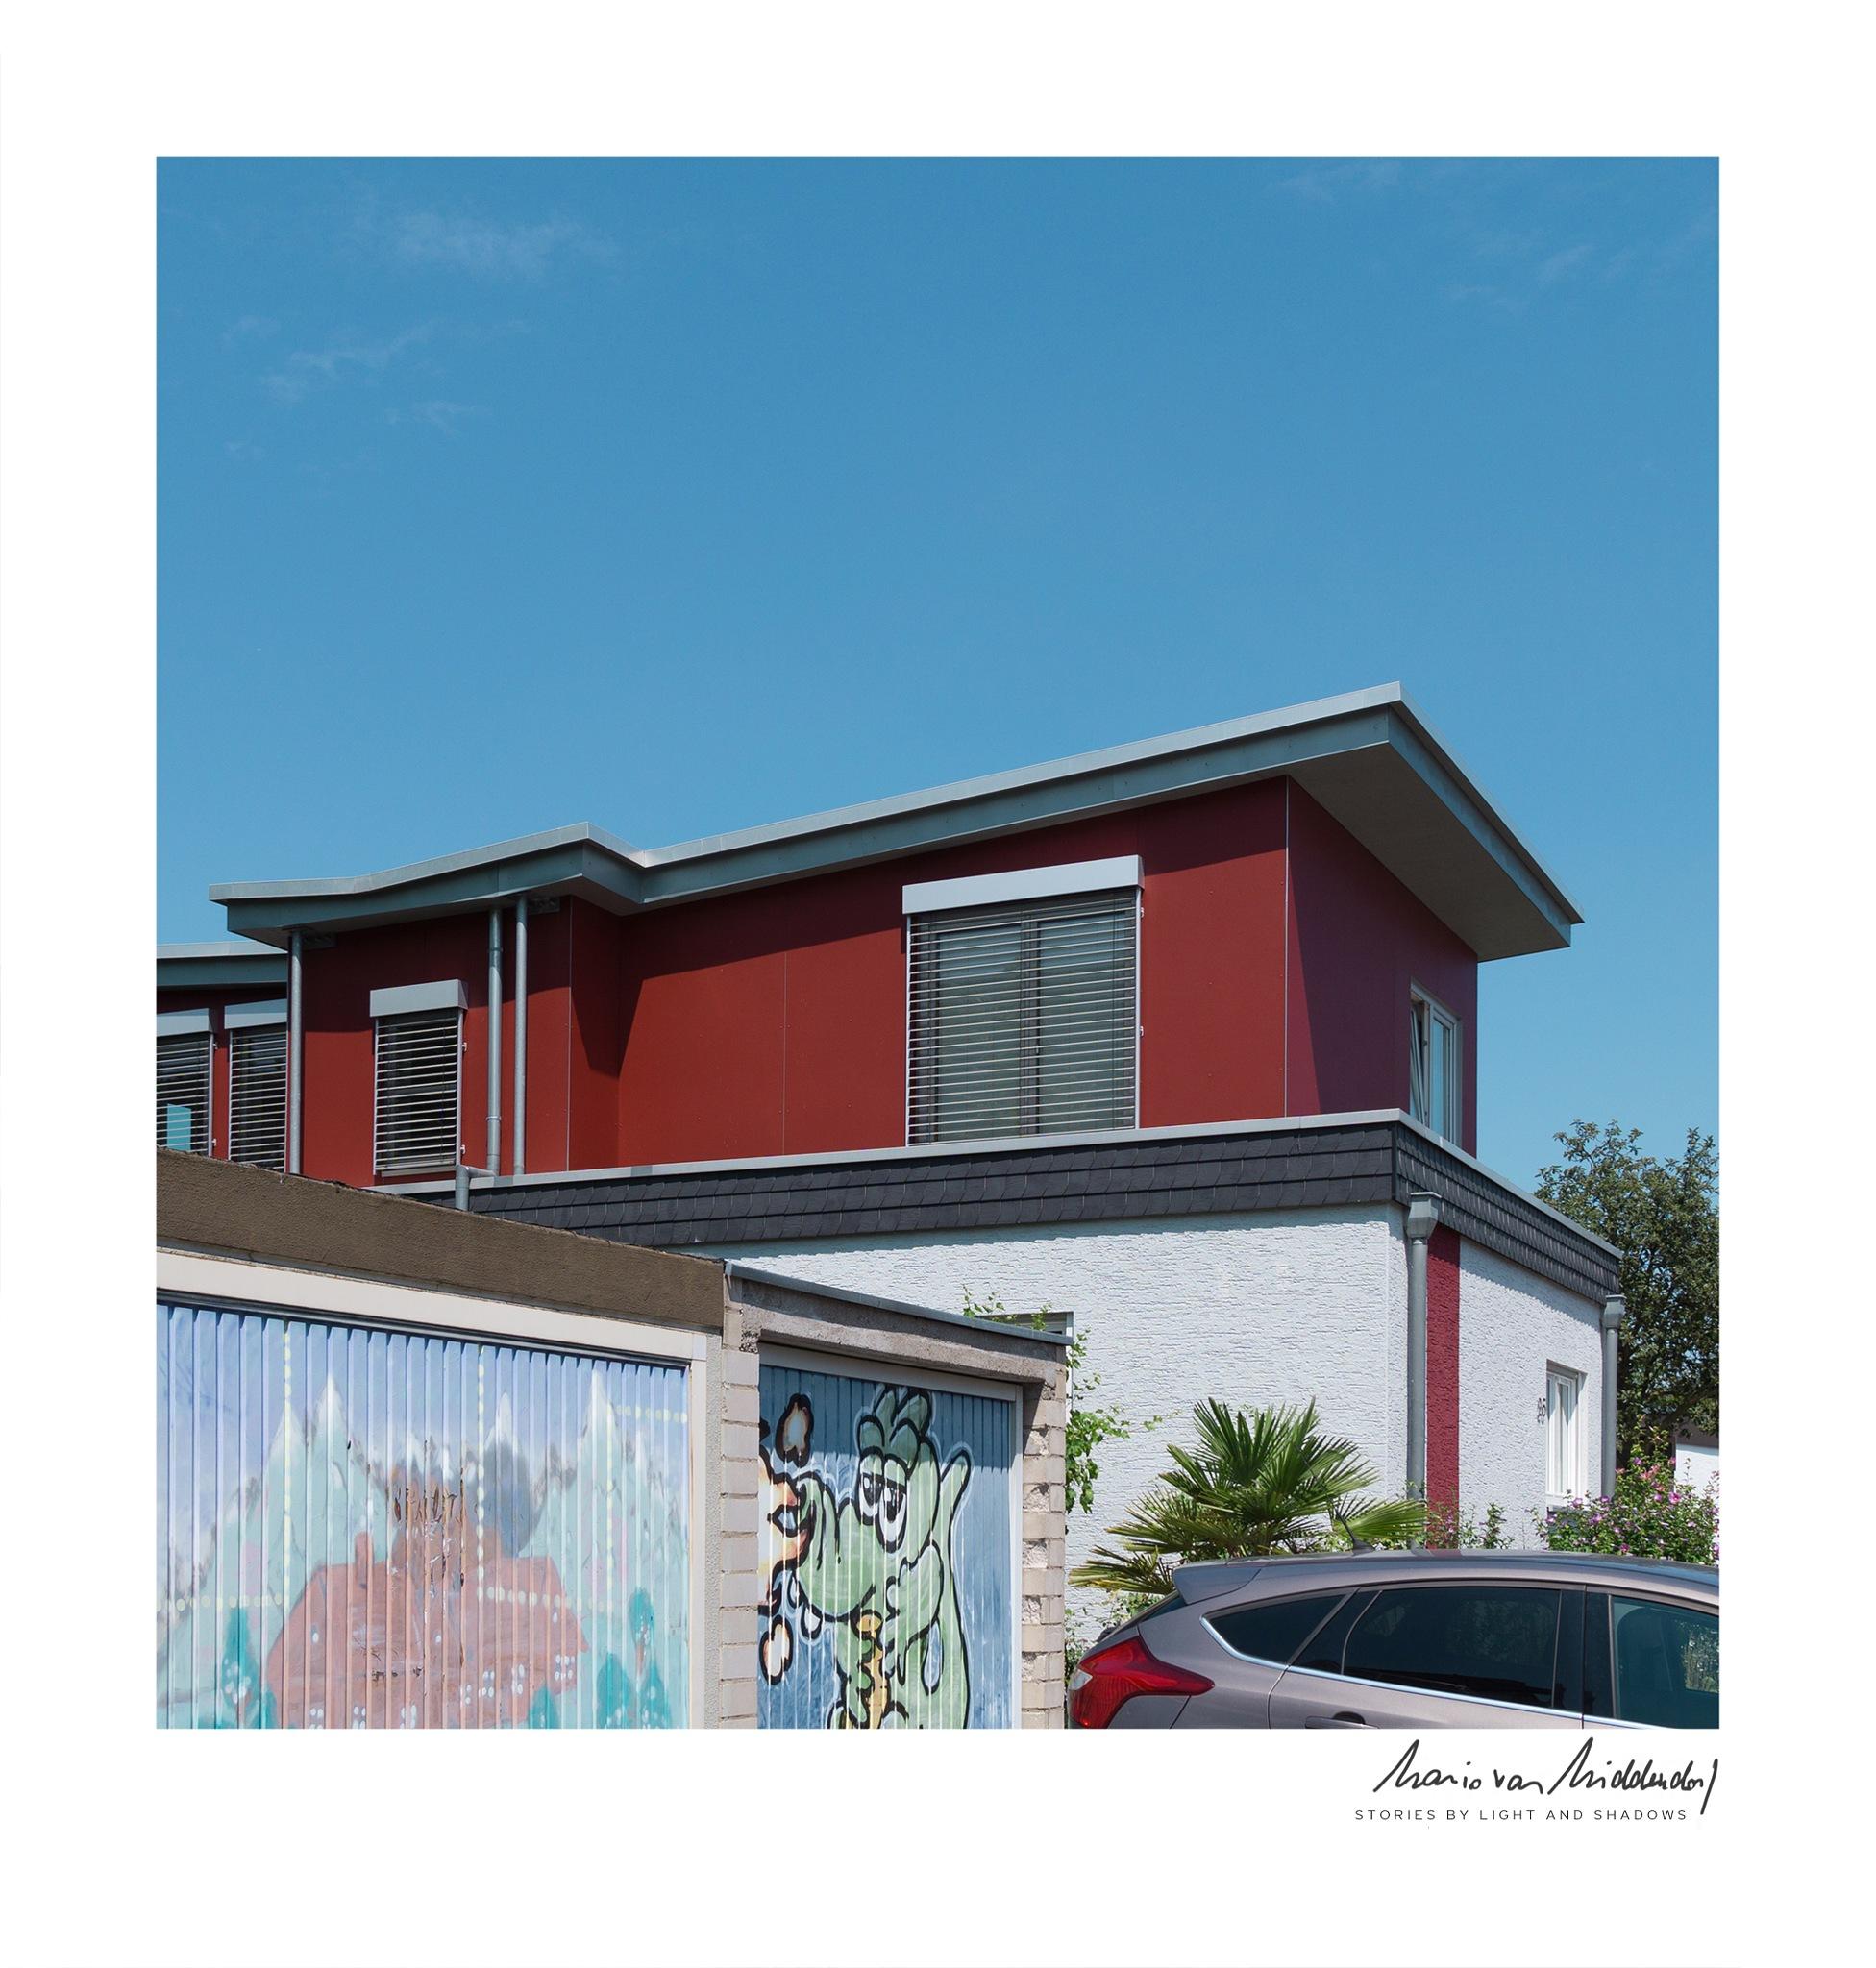 suburban [07] by Mario van Middendorf